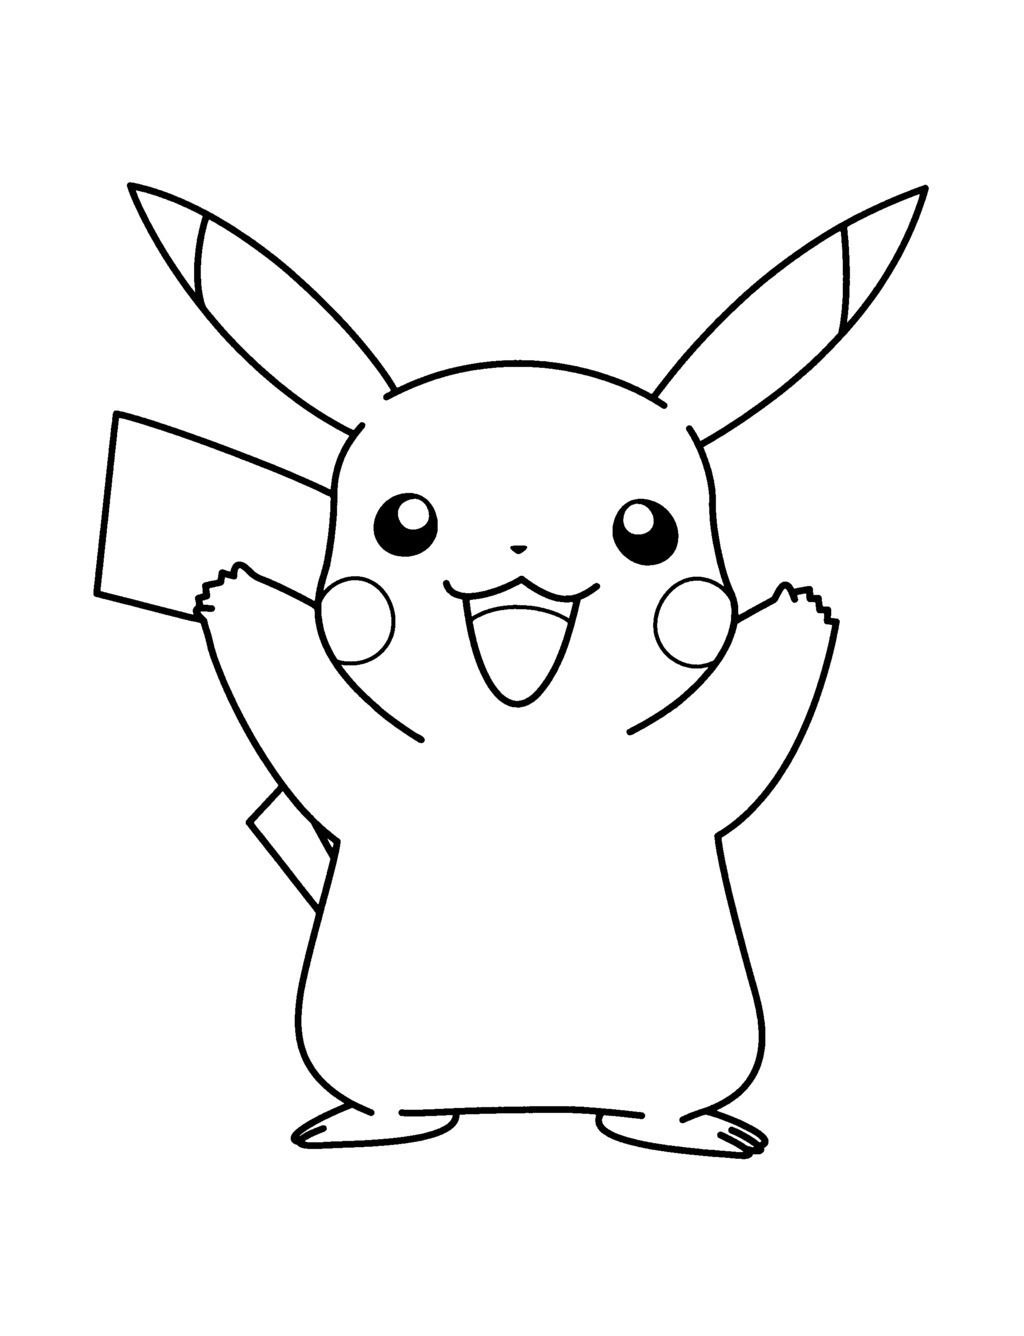 Pin De Tokoro Bautista En Pikachu Dibujo De Pikachu Dibujos